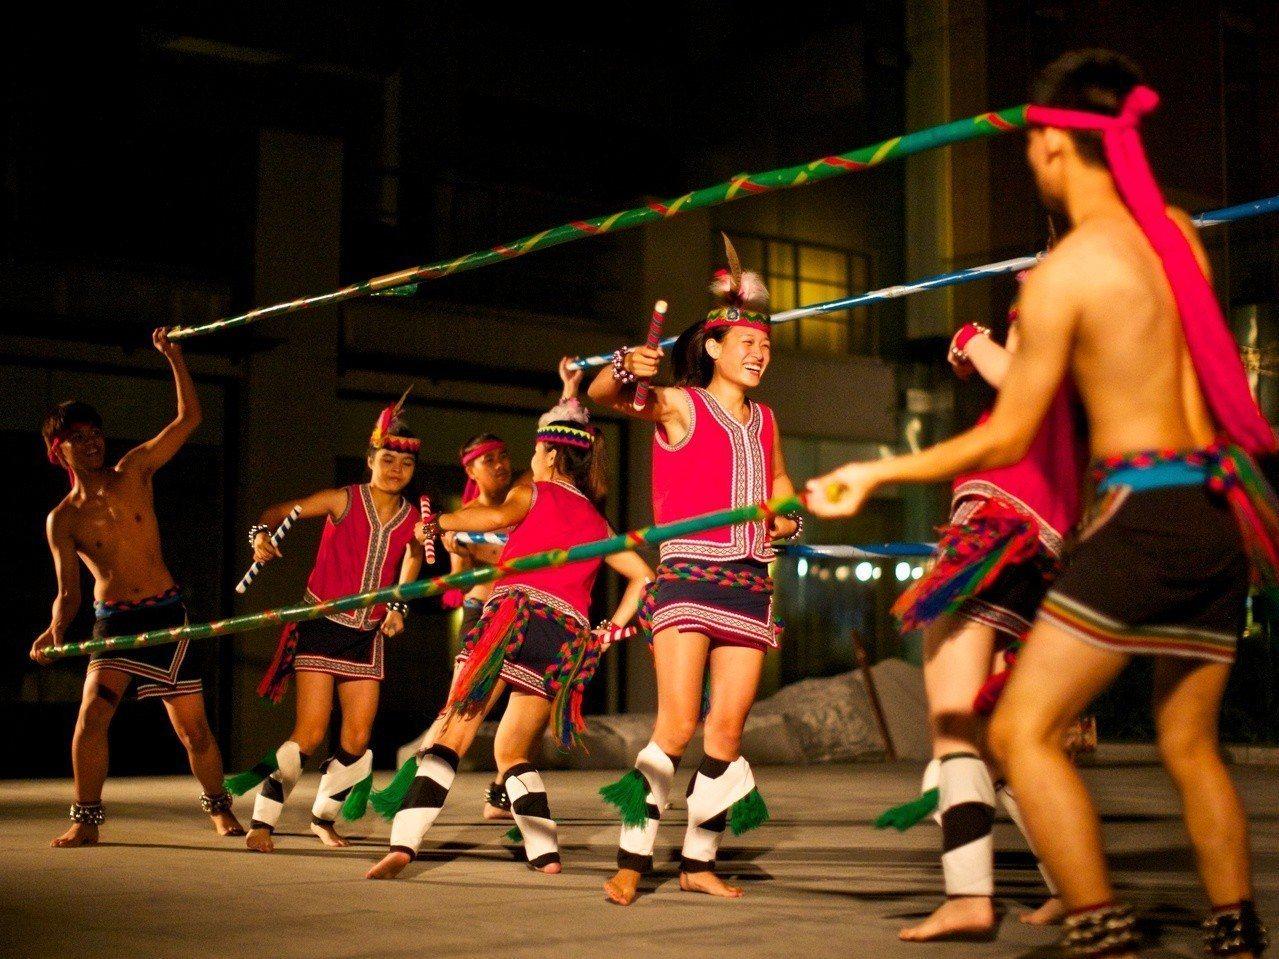 台灣各個部落輪流舉辦熱鬧的豐年祭活動,太魯閣晶英酒店也趁此推出「部落巡禮16族」...